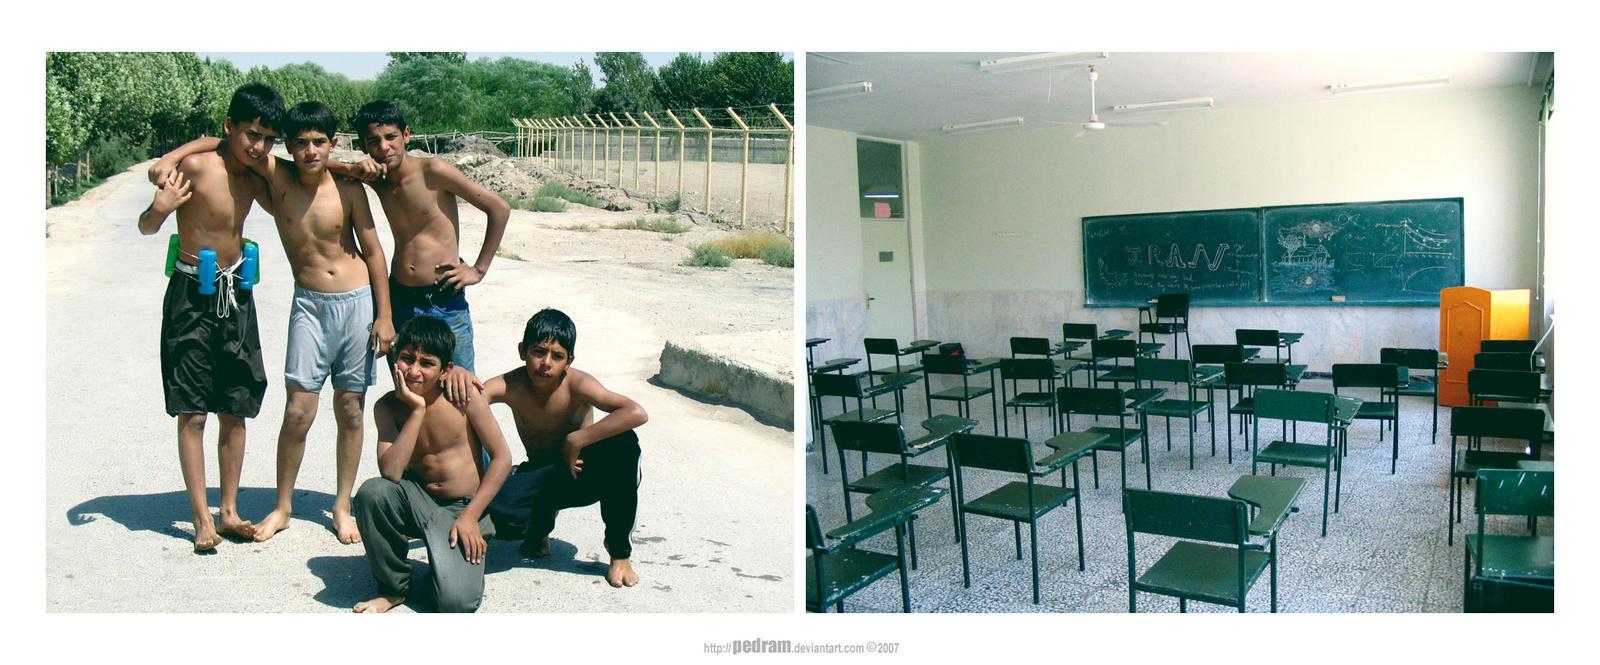 summer's kids by Pedram